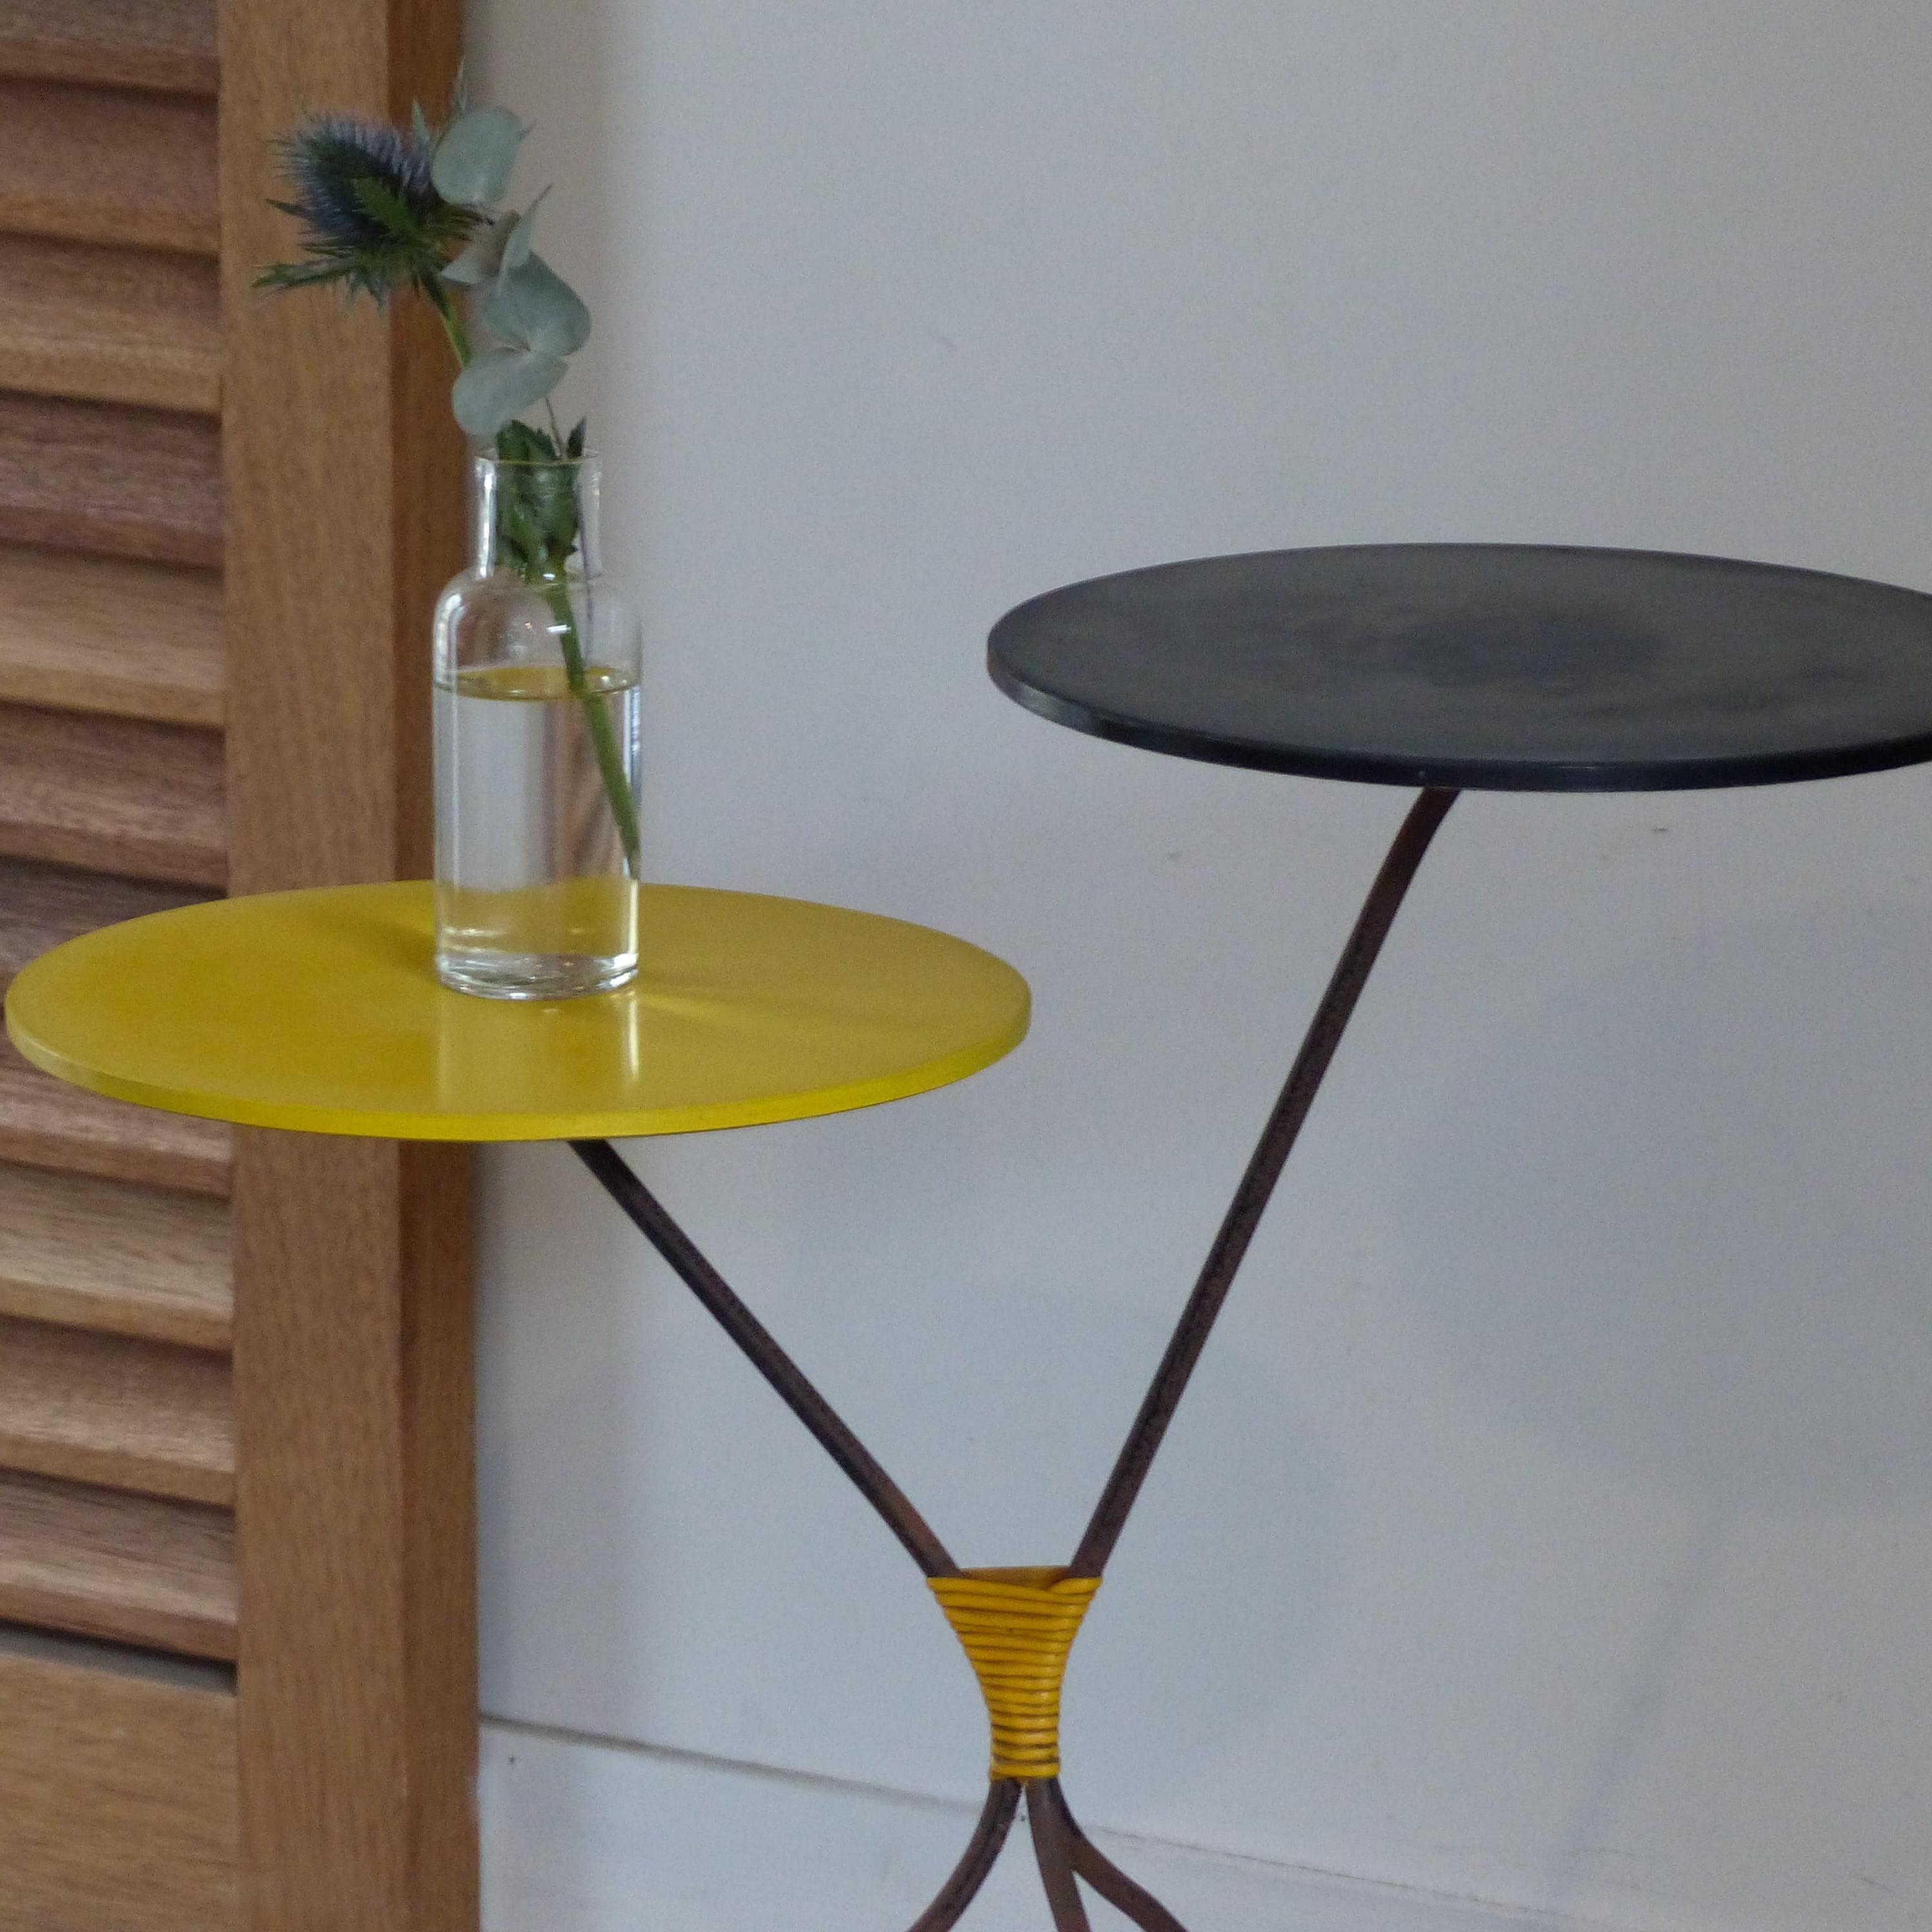 Porte plantes tripode en m tal jaune et noir lignedebrocante brocante en ligne chine pour vous - Porte plante ...